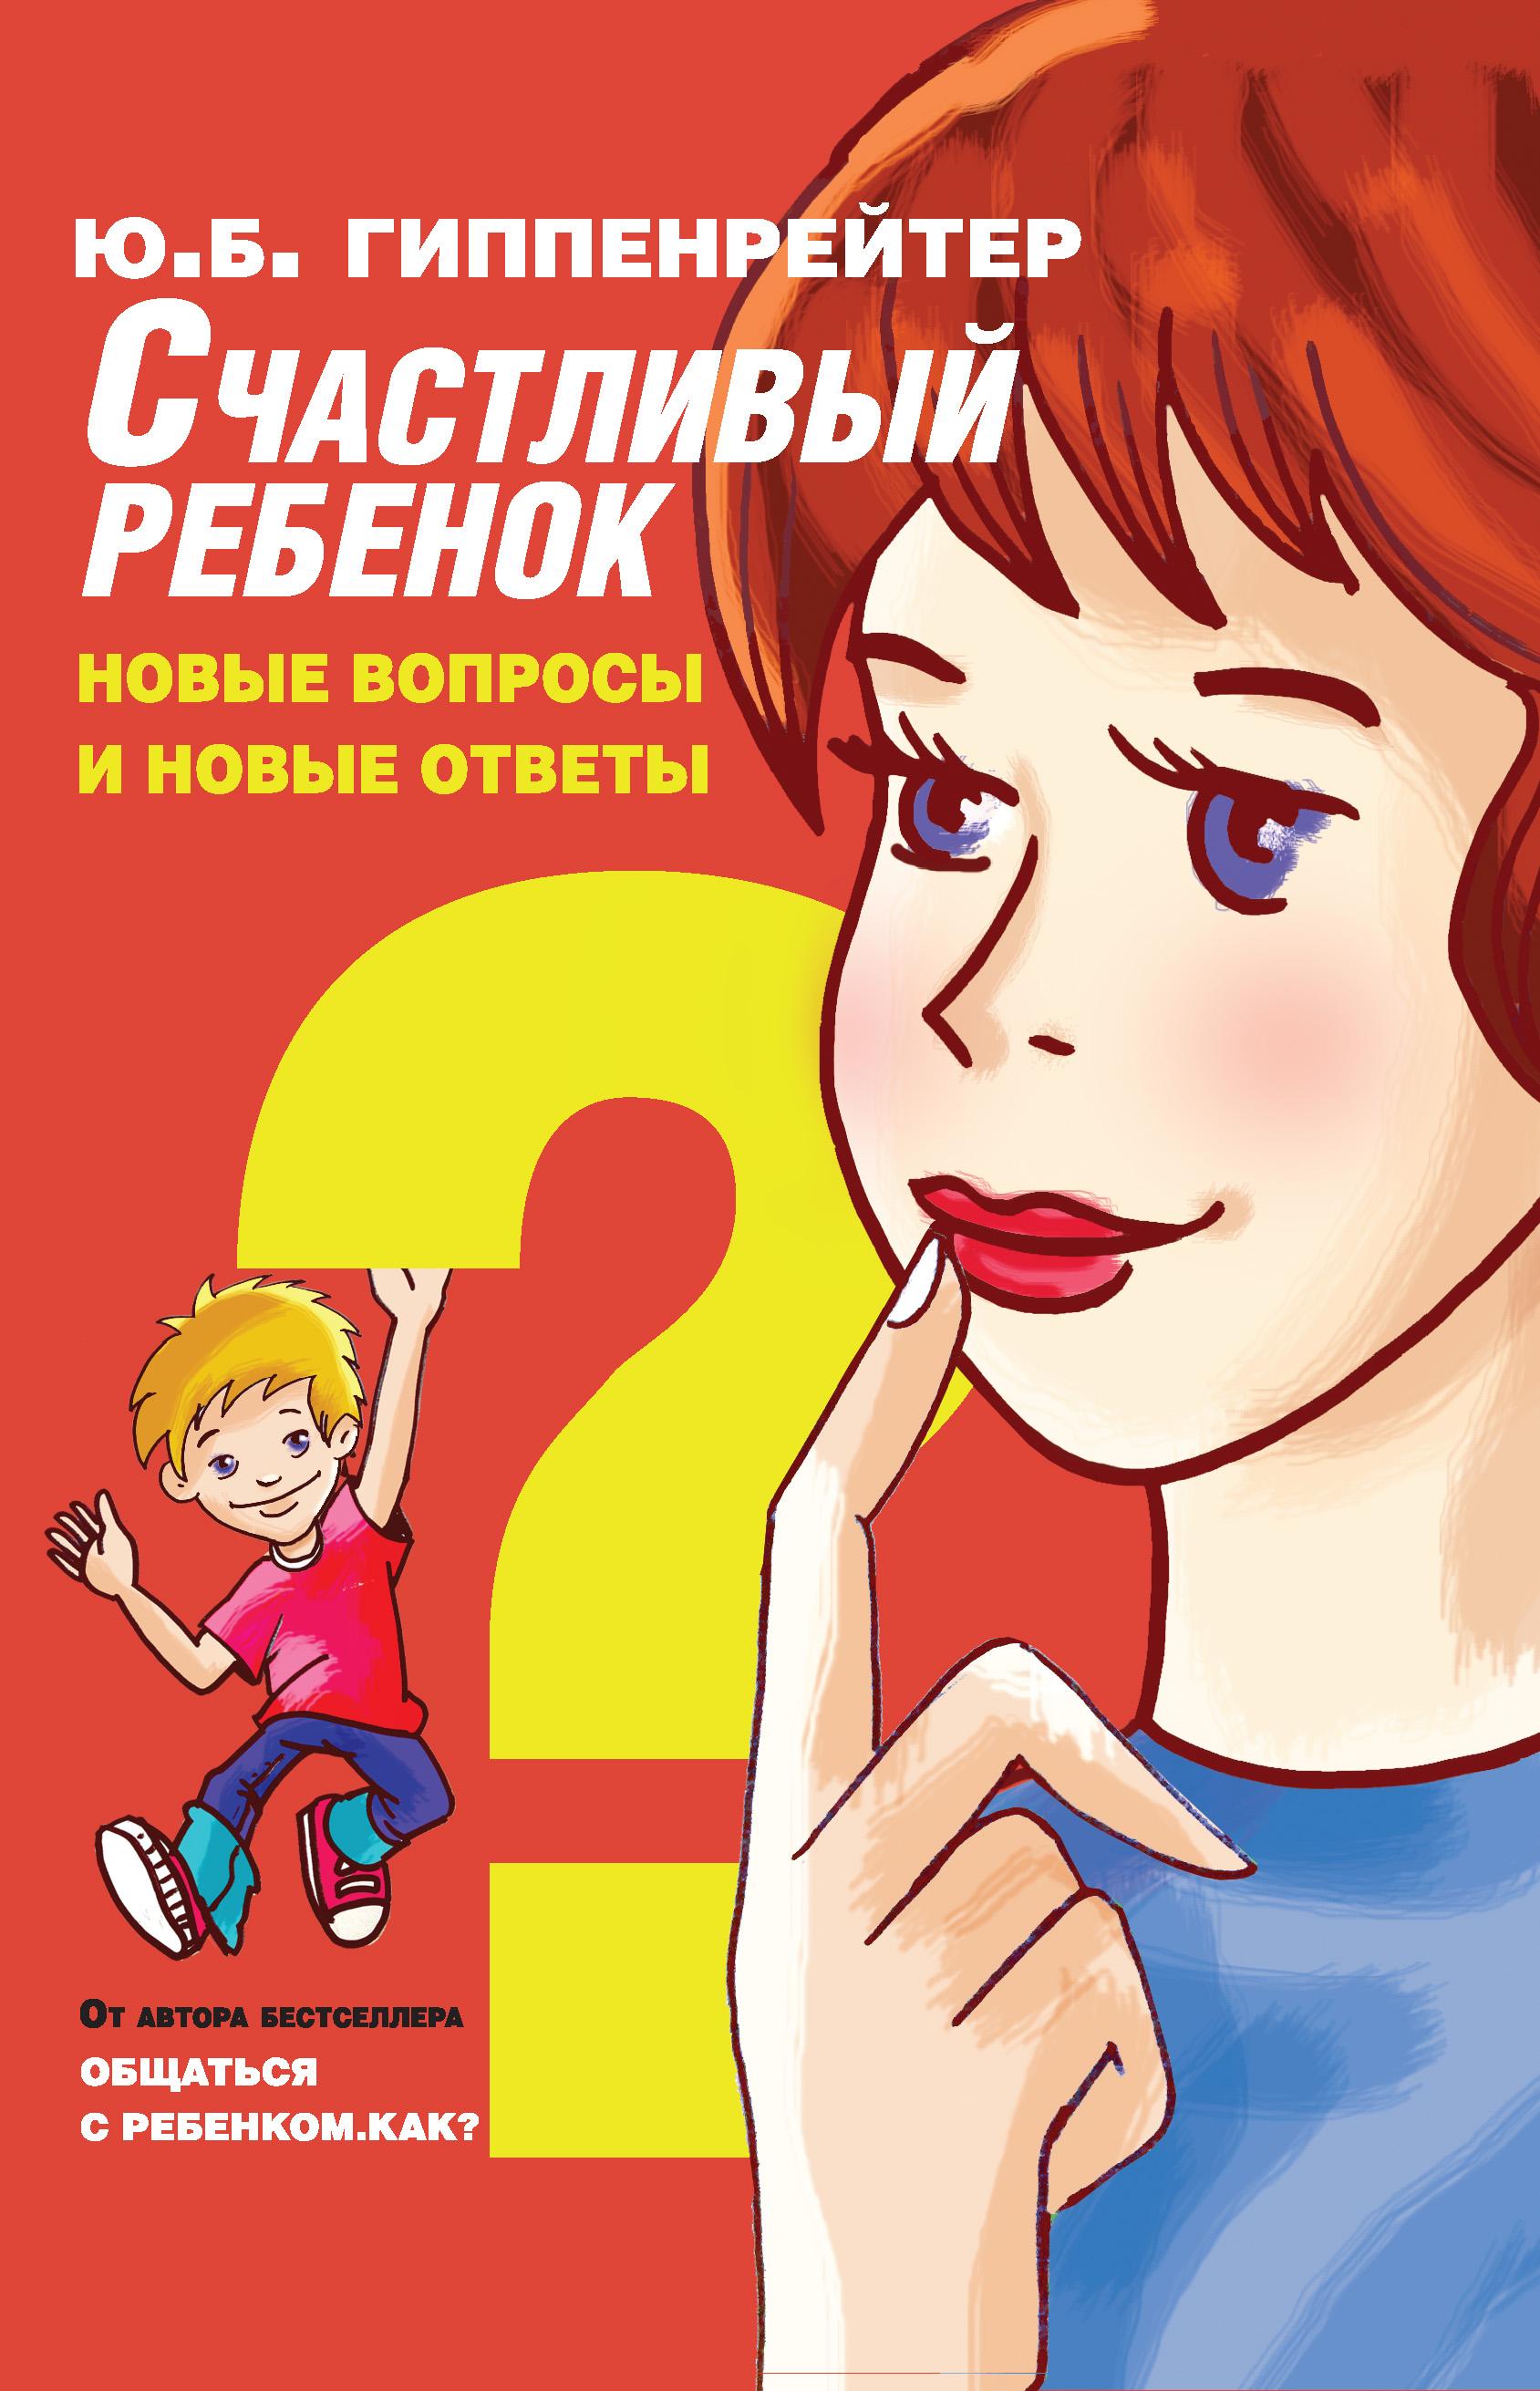 Юлия Гиппенрейтер Счастливый ребенок: новые вопросы и новые ответы ю б гиппенрейтер счастливый ребенок новые вопросы и новые ответы